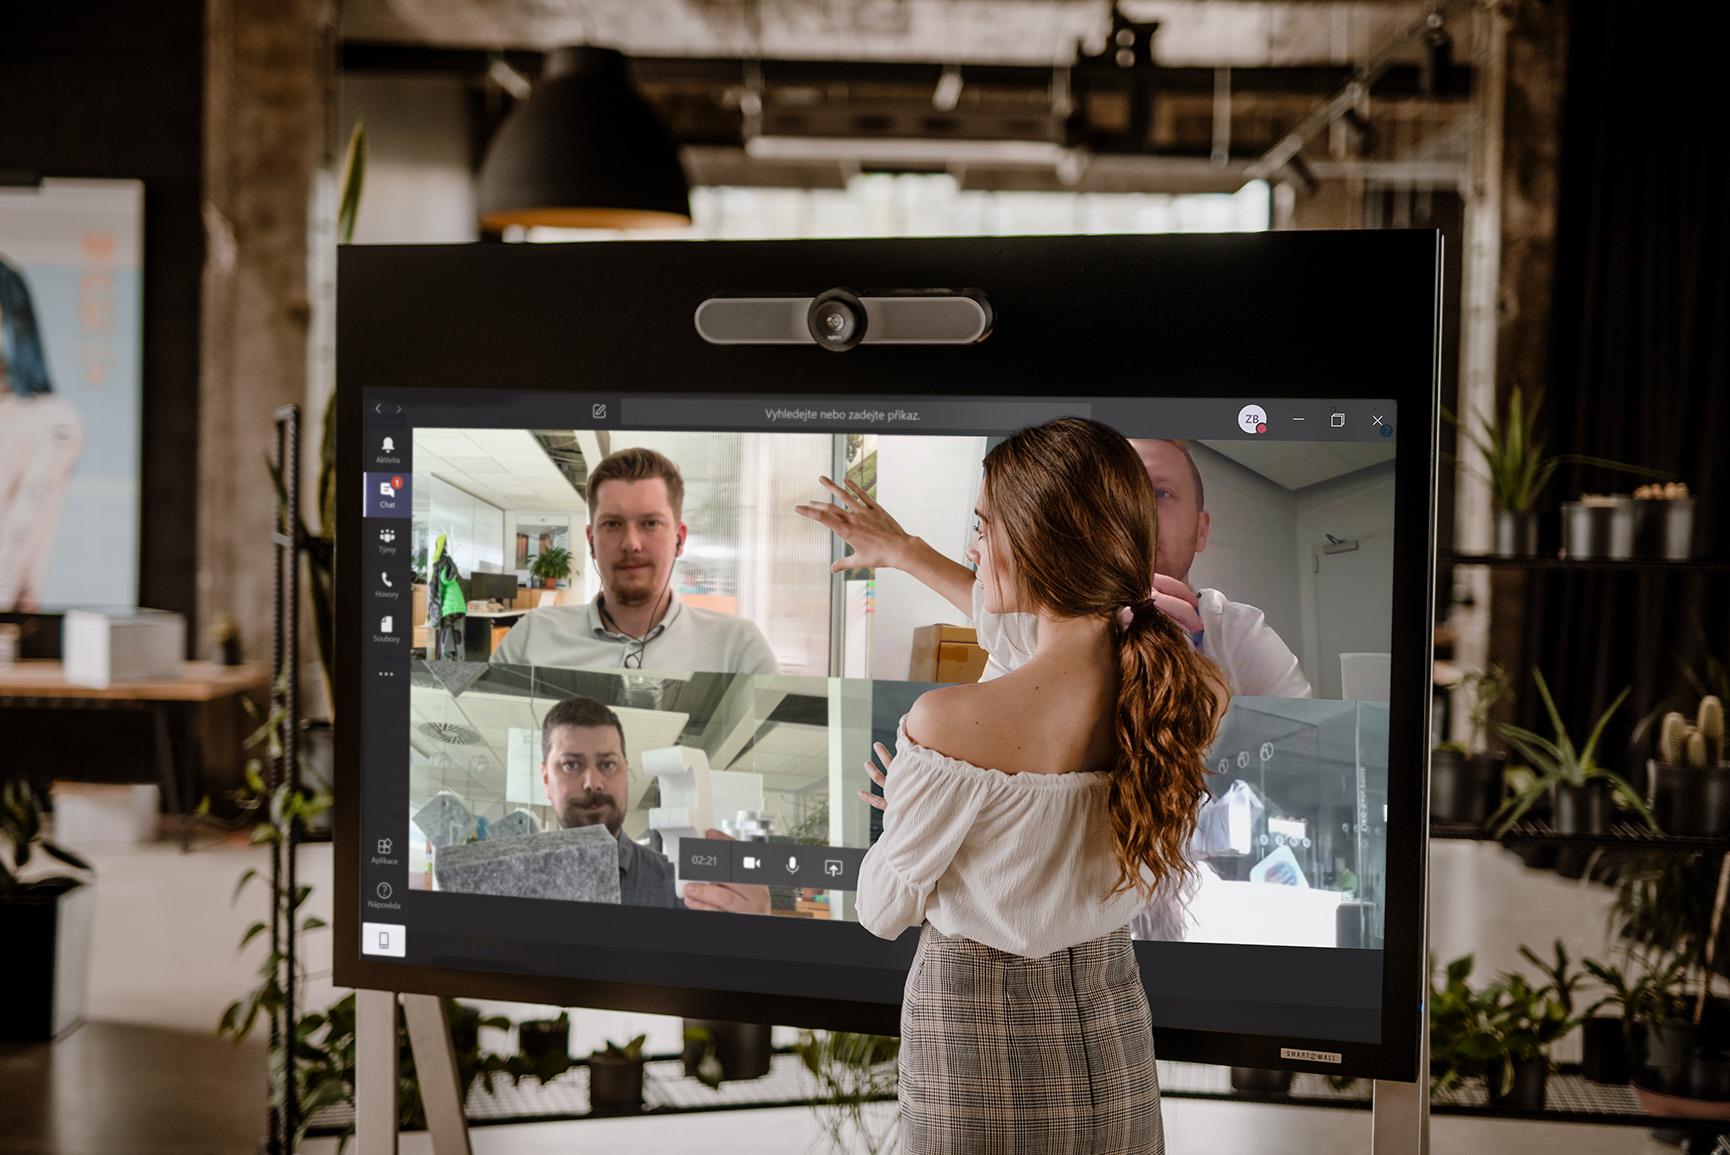 Chcete také to nejlepší videokonferenční řešení na trhu?